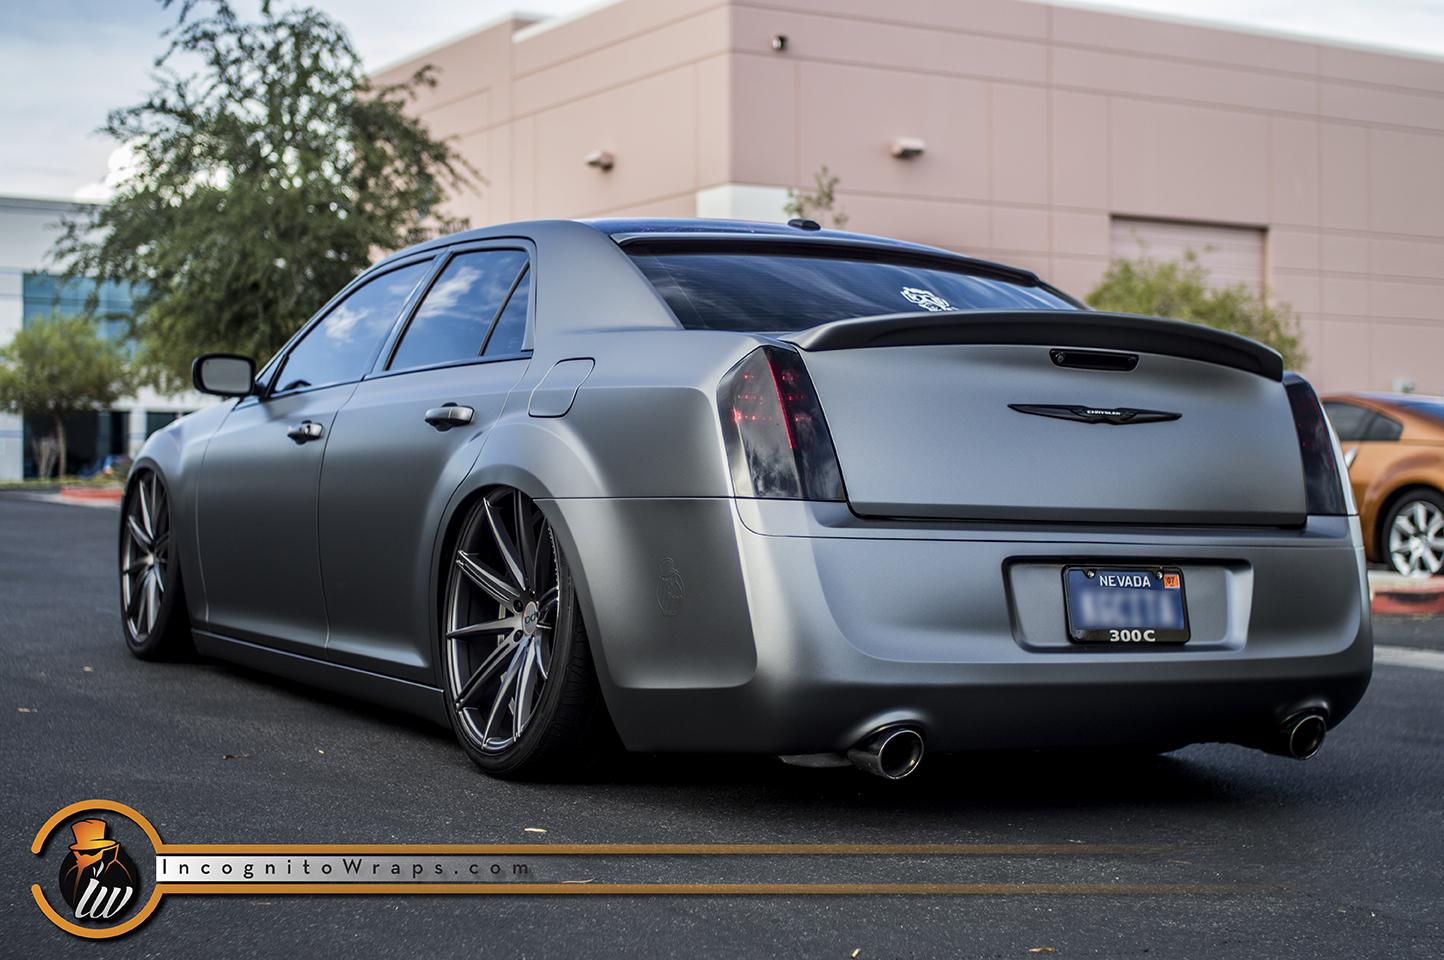 Chrysler 300 Matte Graphite Incognito Wraps